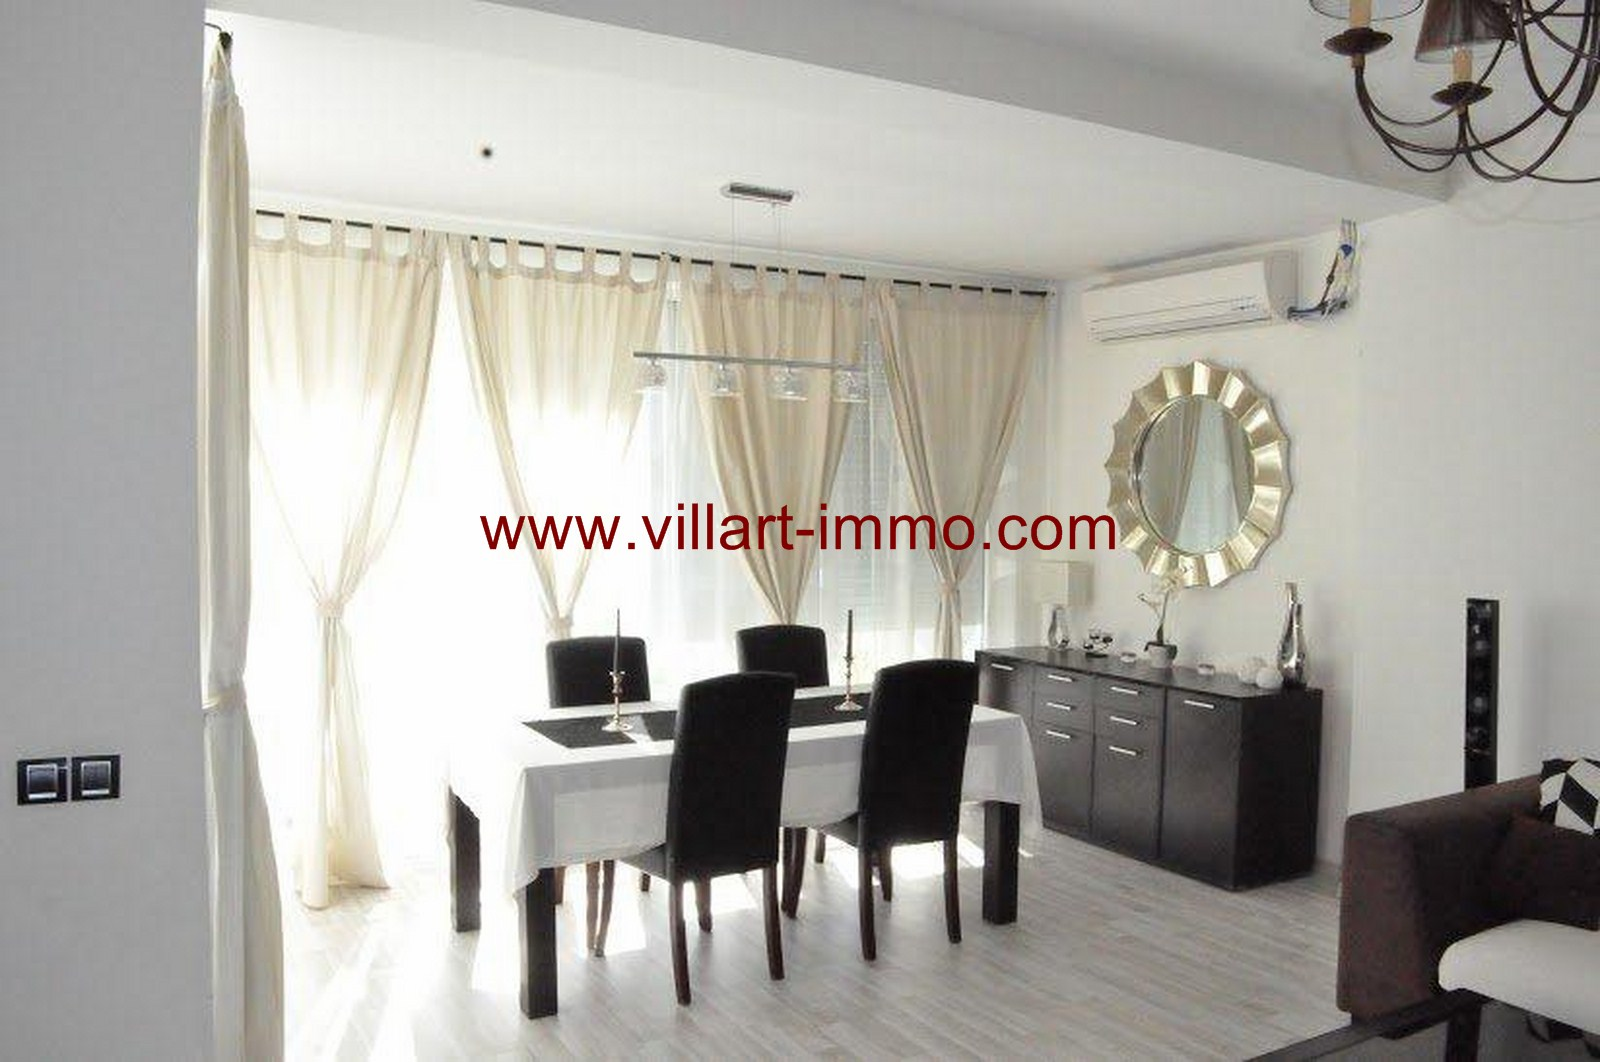 1-vente-appartement-tanger-route-de-rabat-sejour-1-va383-villart-immo